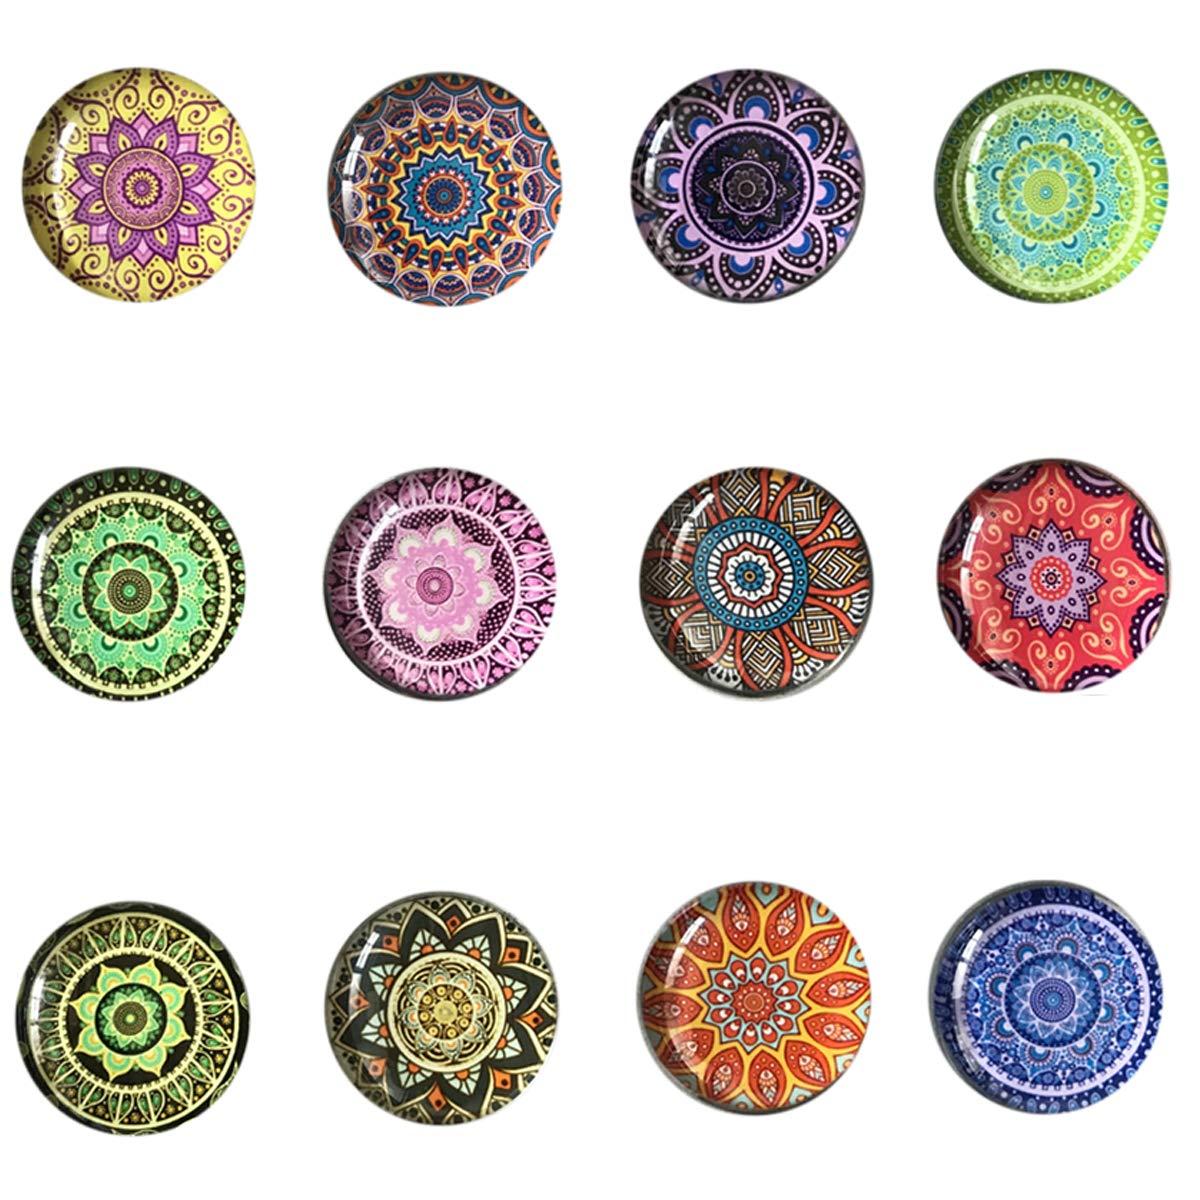 Amazon.com: Imanes de cristal para nevera, 24 piezas ...